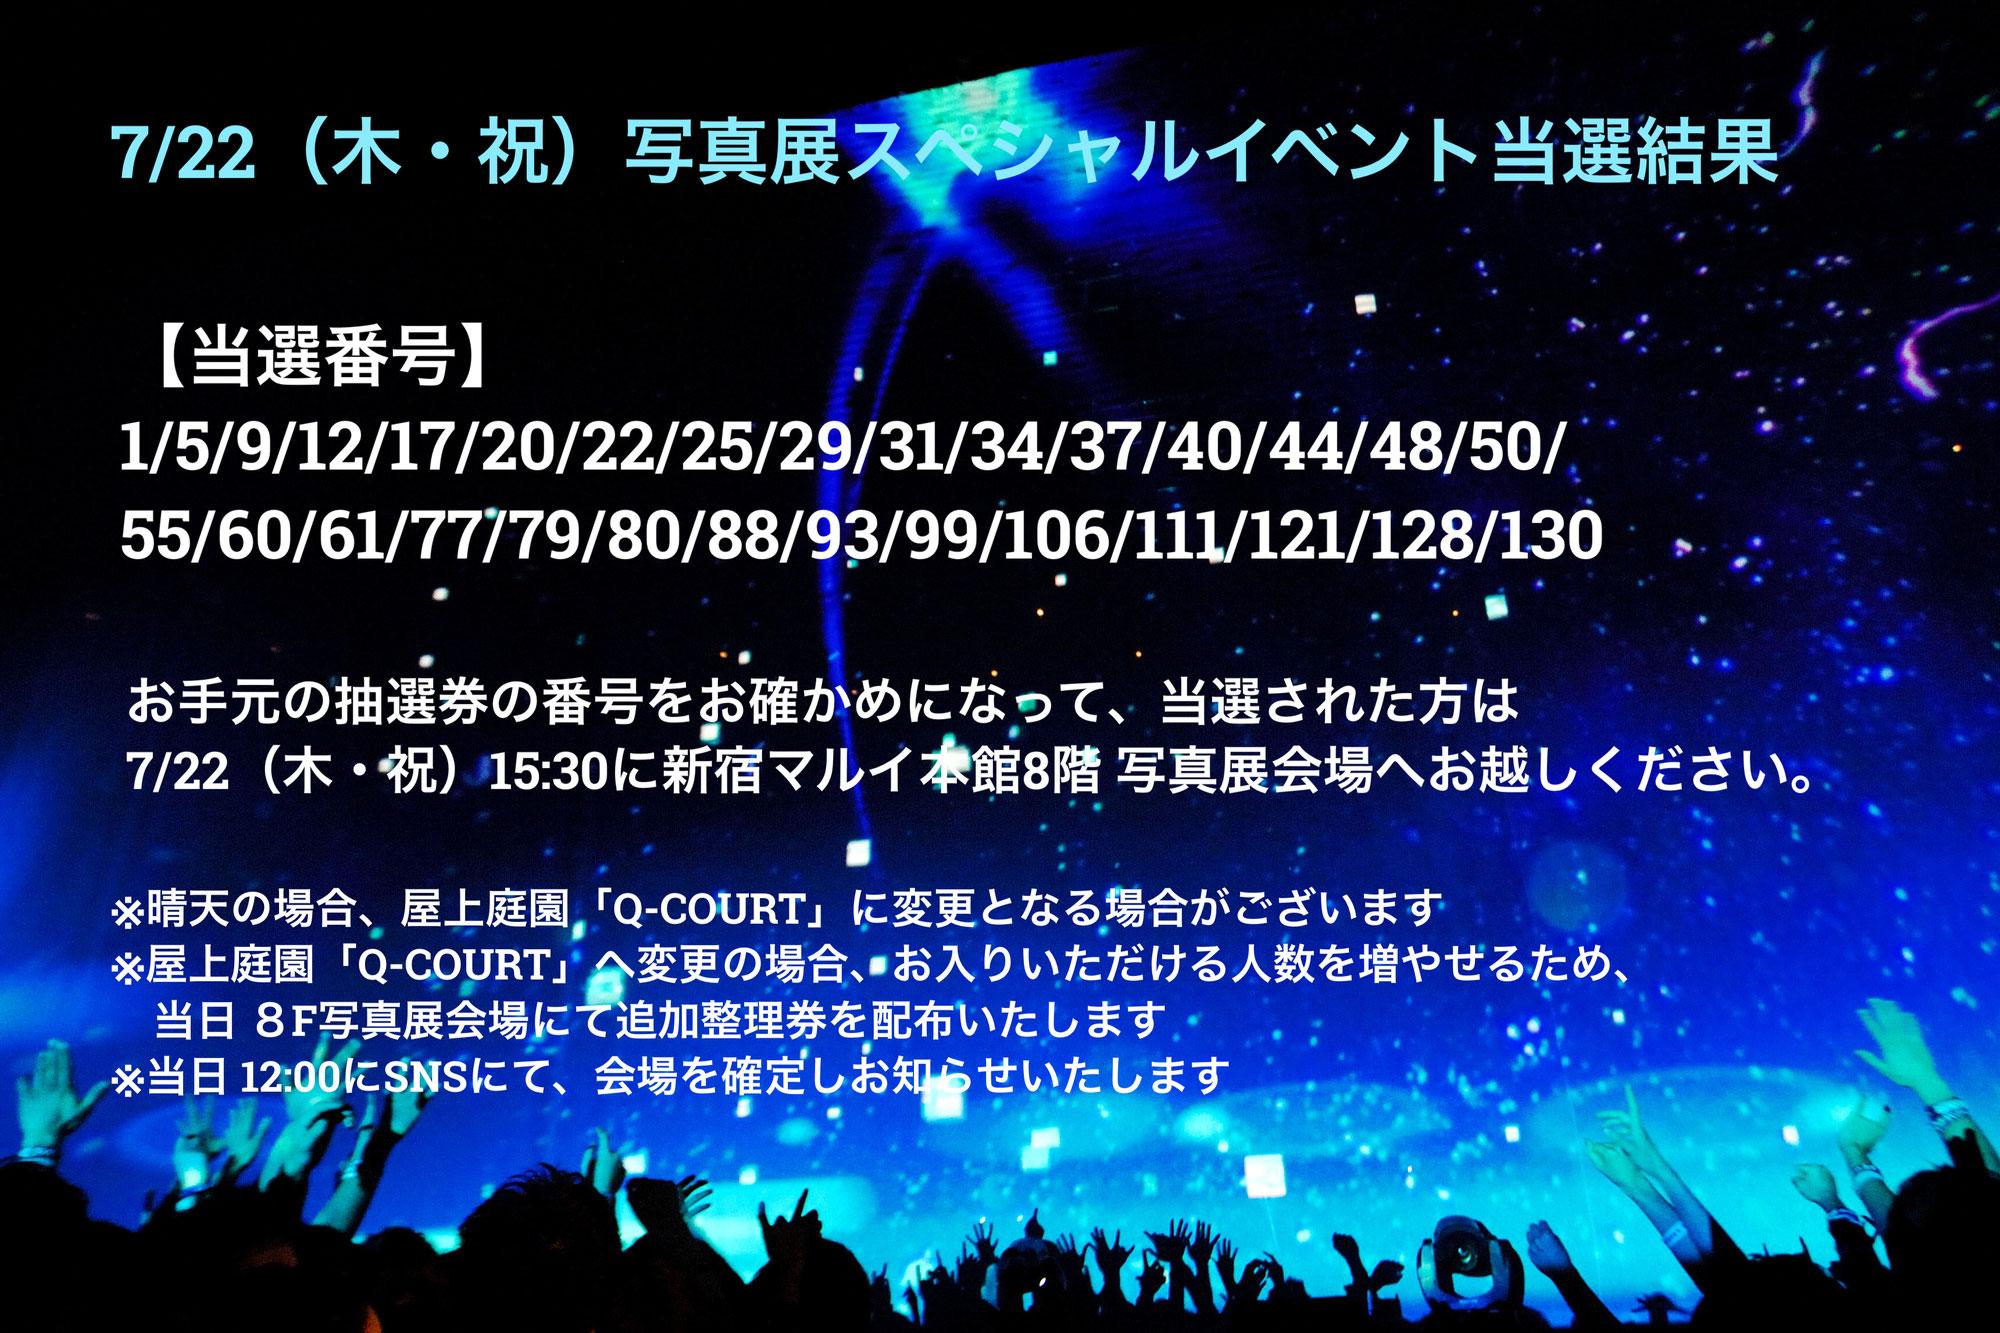 7/22(木・祝)スペシャルイベント当選結果